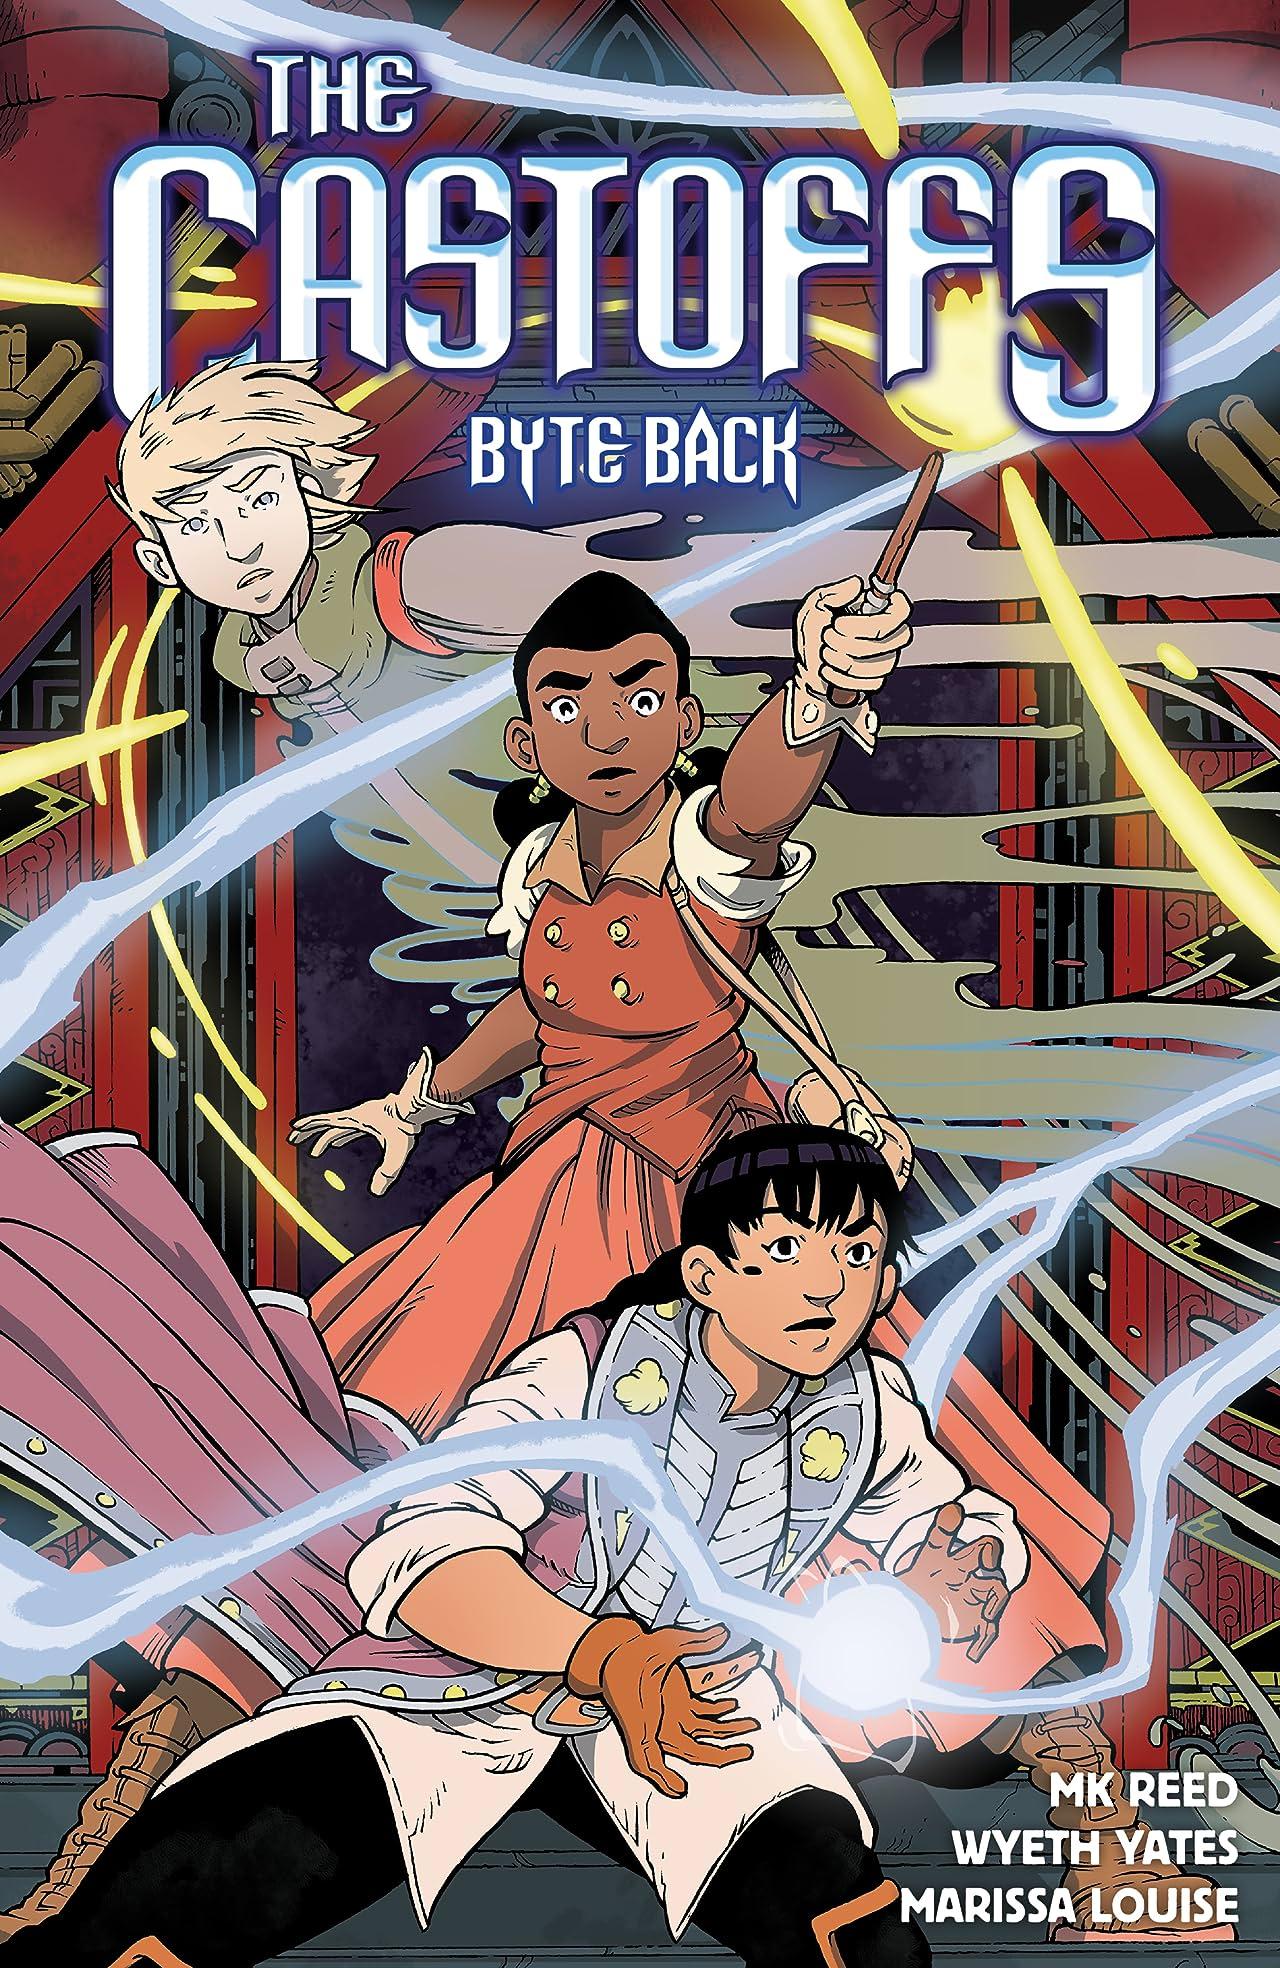 The Castoffs Vol. 4: Byte Back